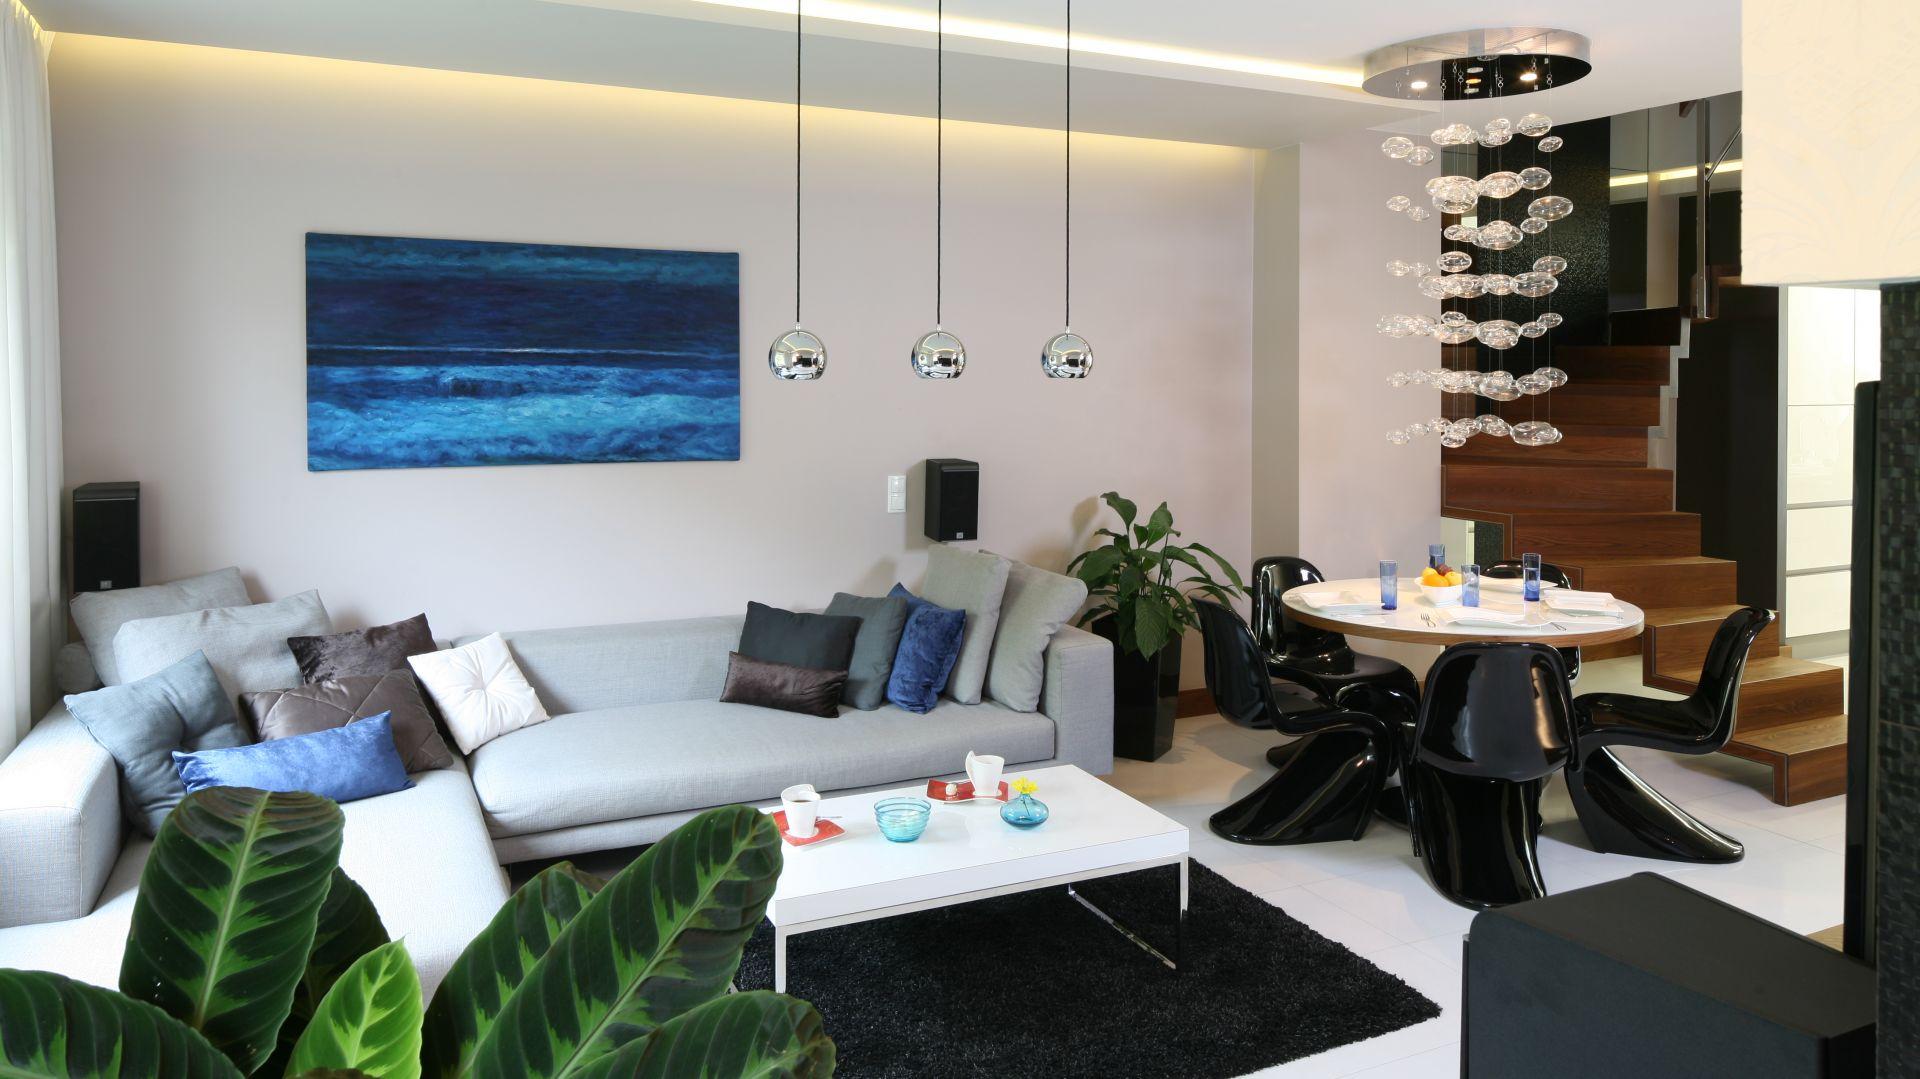 Kolor w salonie. Projekt: Chantal Springer. Fot. Bartosz Jarosz